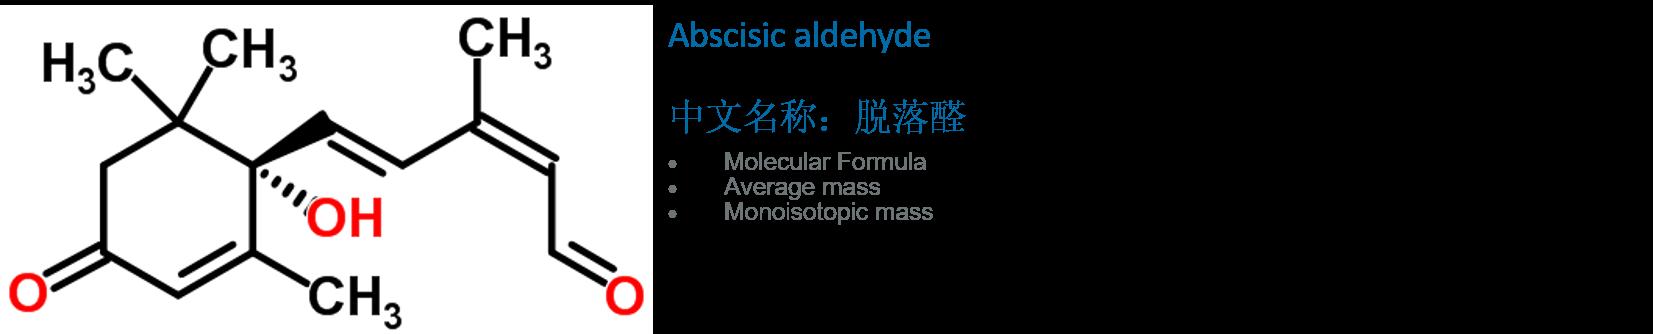 脱落酸的衍生物脱落醛的化学方程式